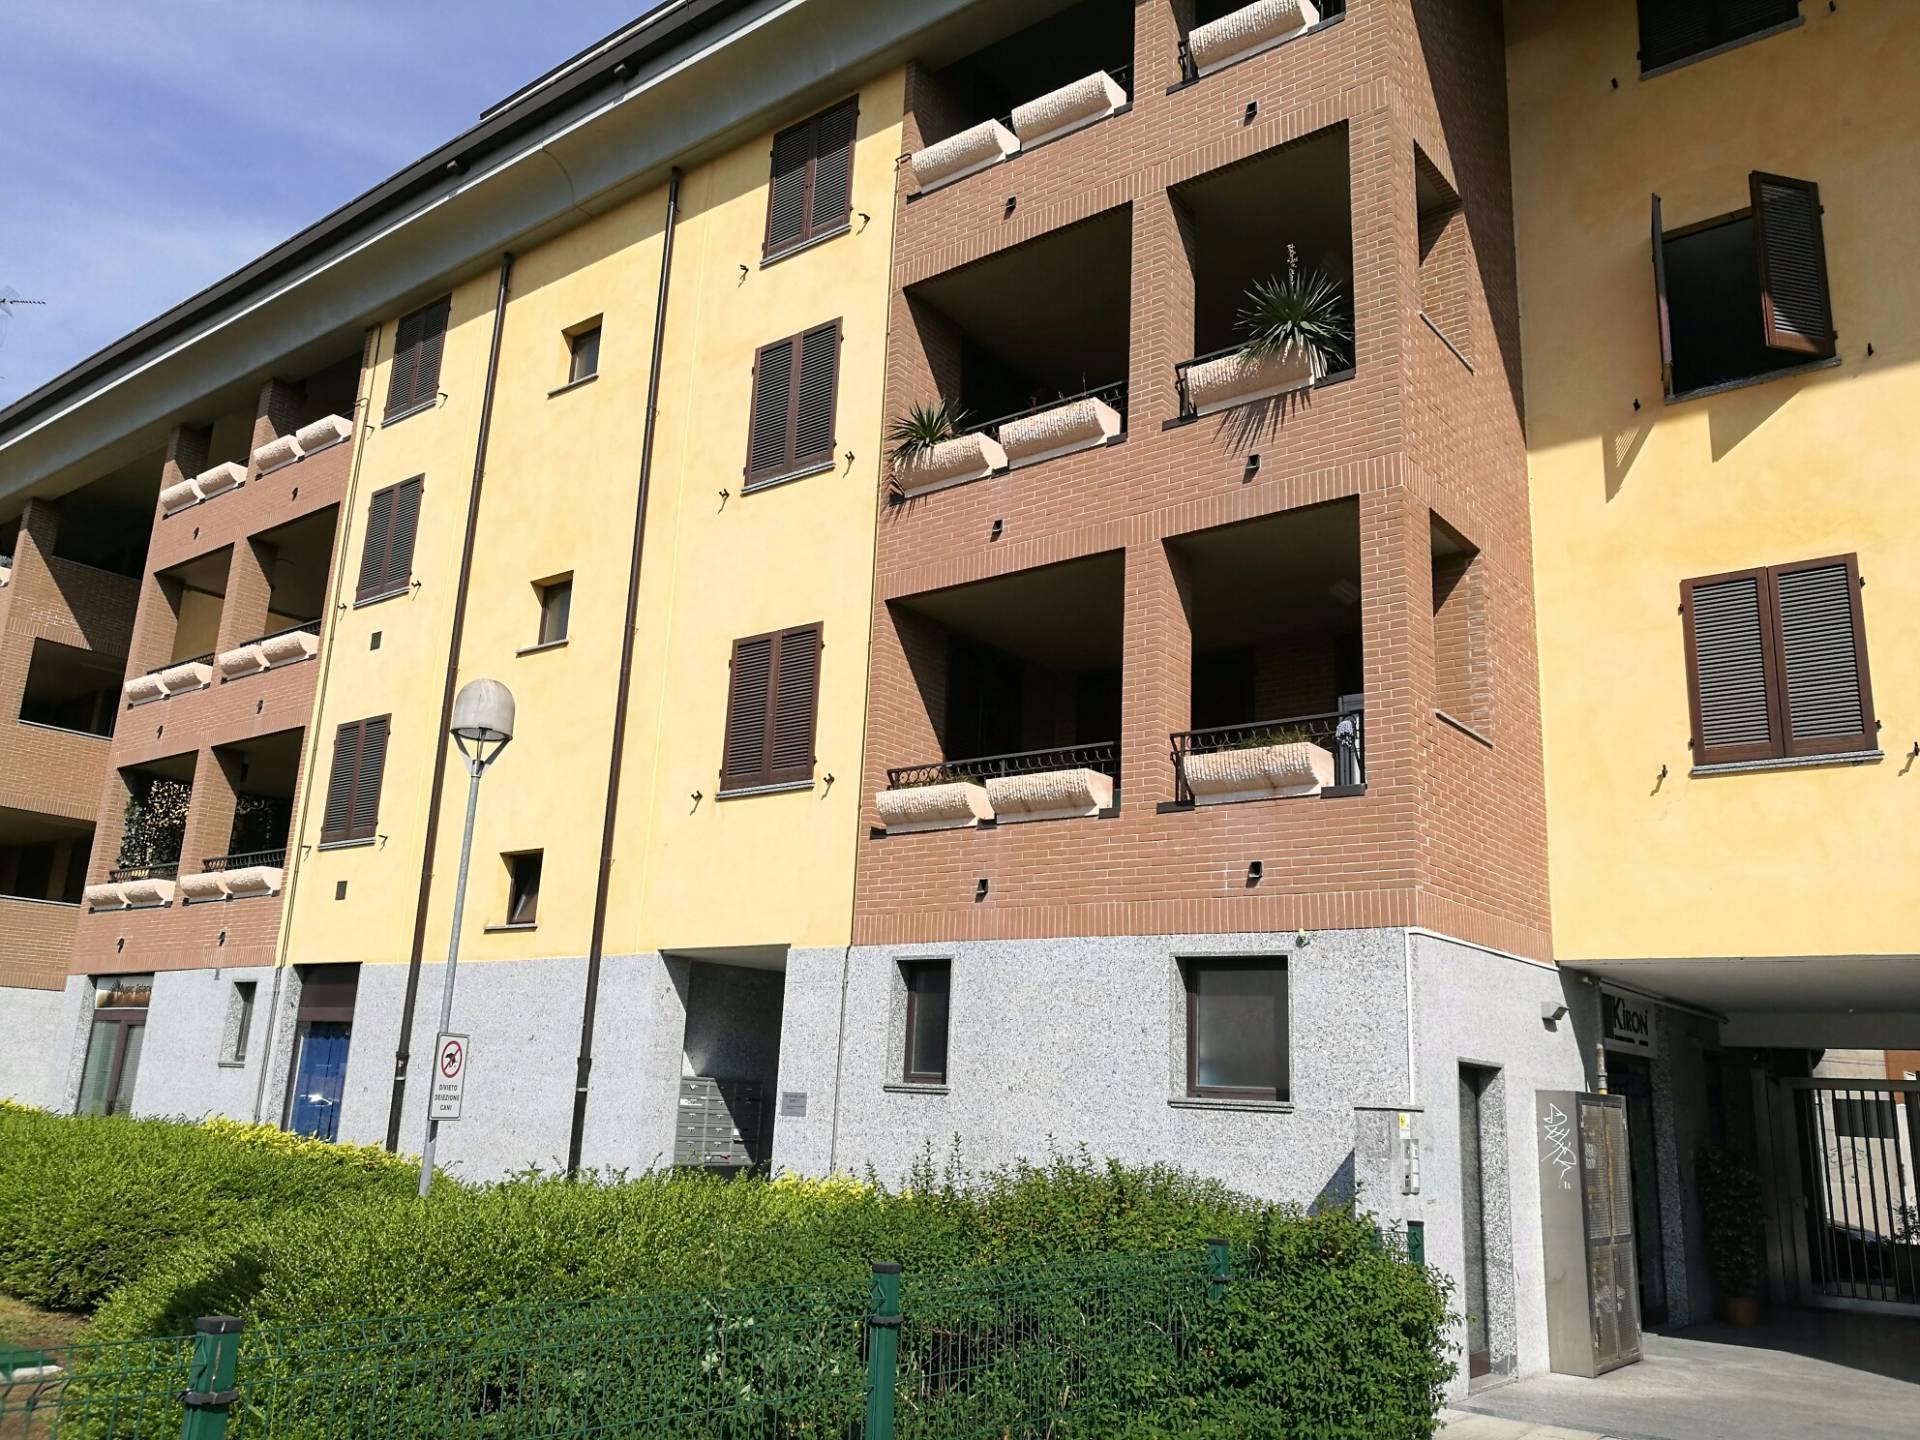 Attico / Mansarda in affitto a Rho, 2 locali, zona Località: Centro, prezzo € 700 | CambioCasa.it